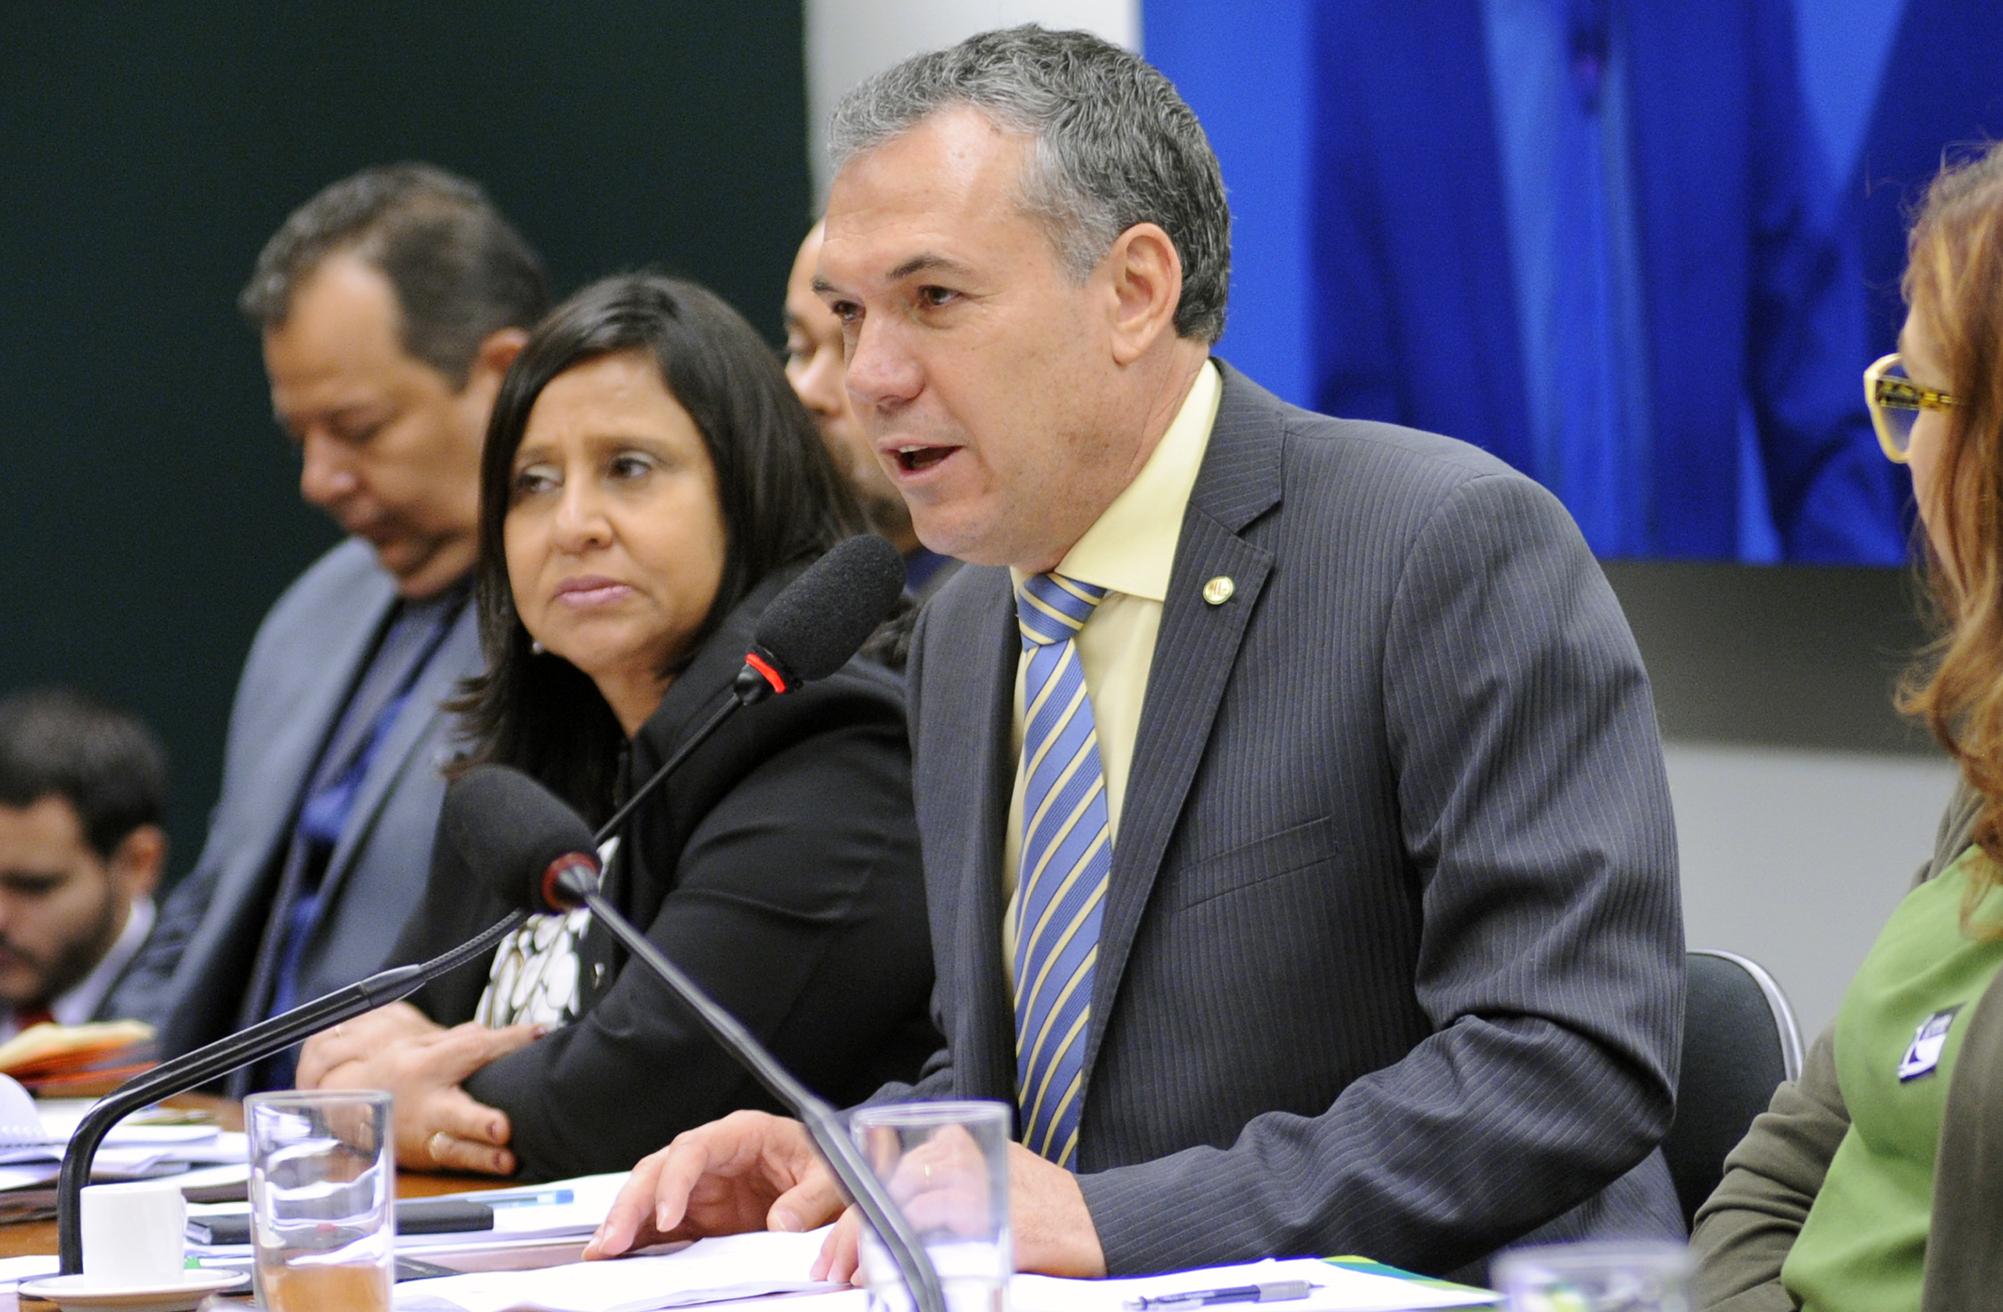 Audiência pública sobre a reestruturação do crédito fundiário. Dep. Zé Silva (SD - MG)